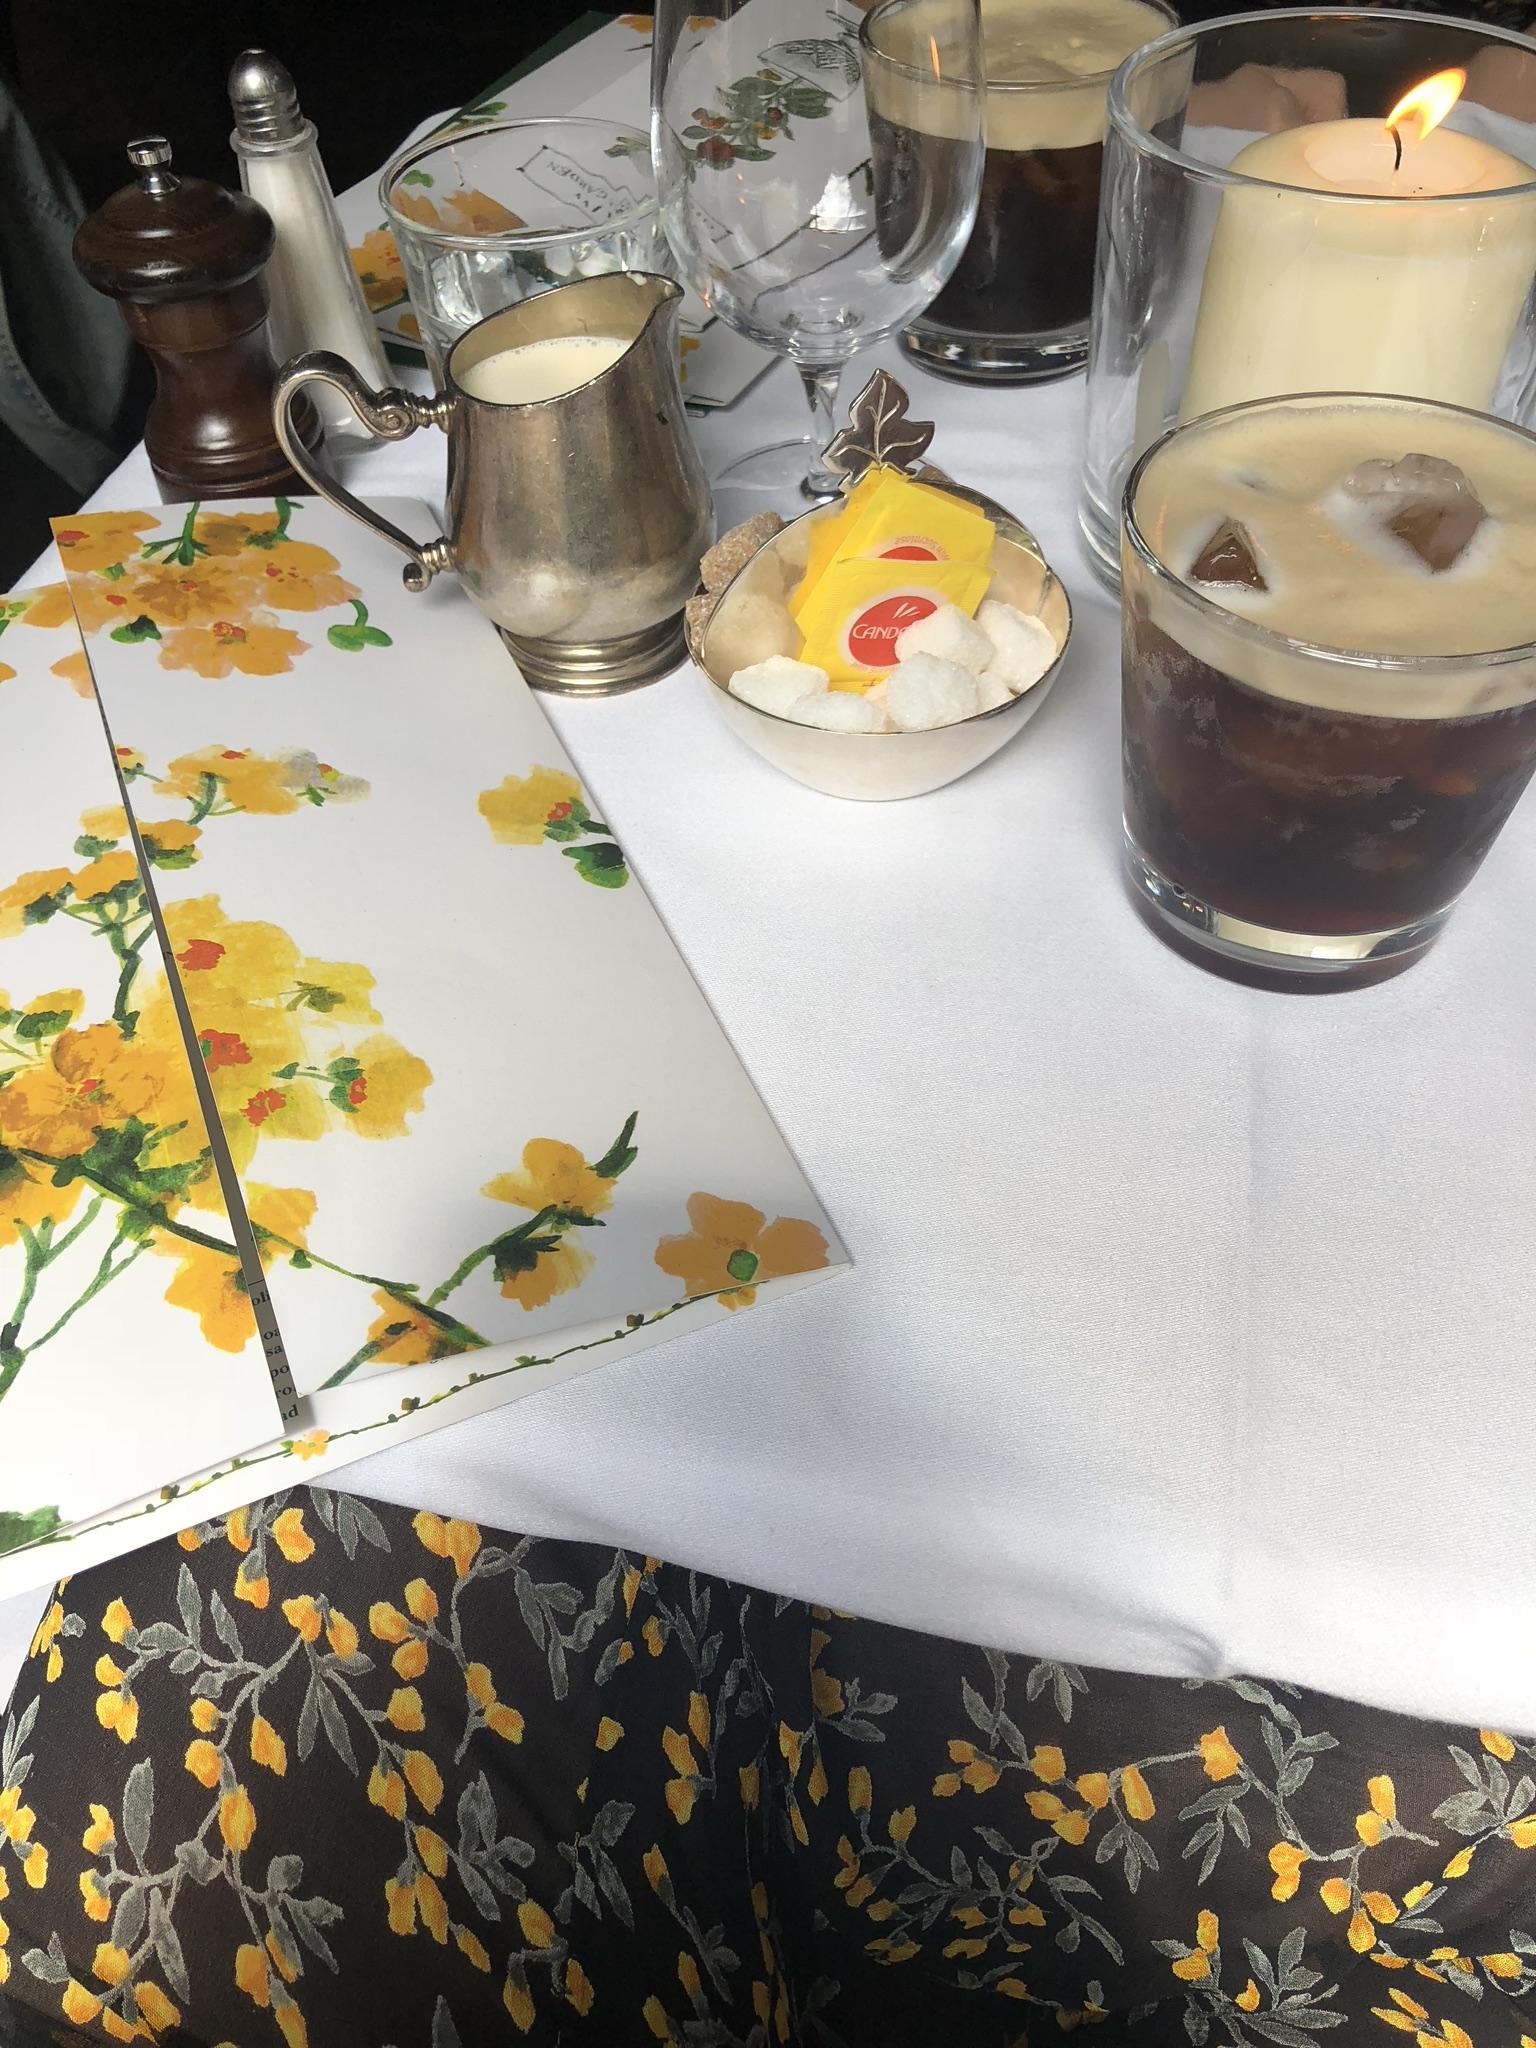 The Ivy Chelsea even has designer menus